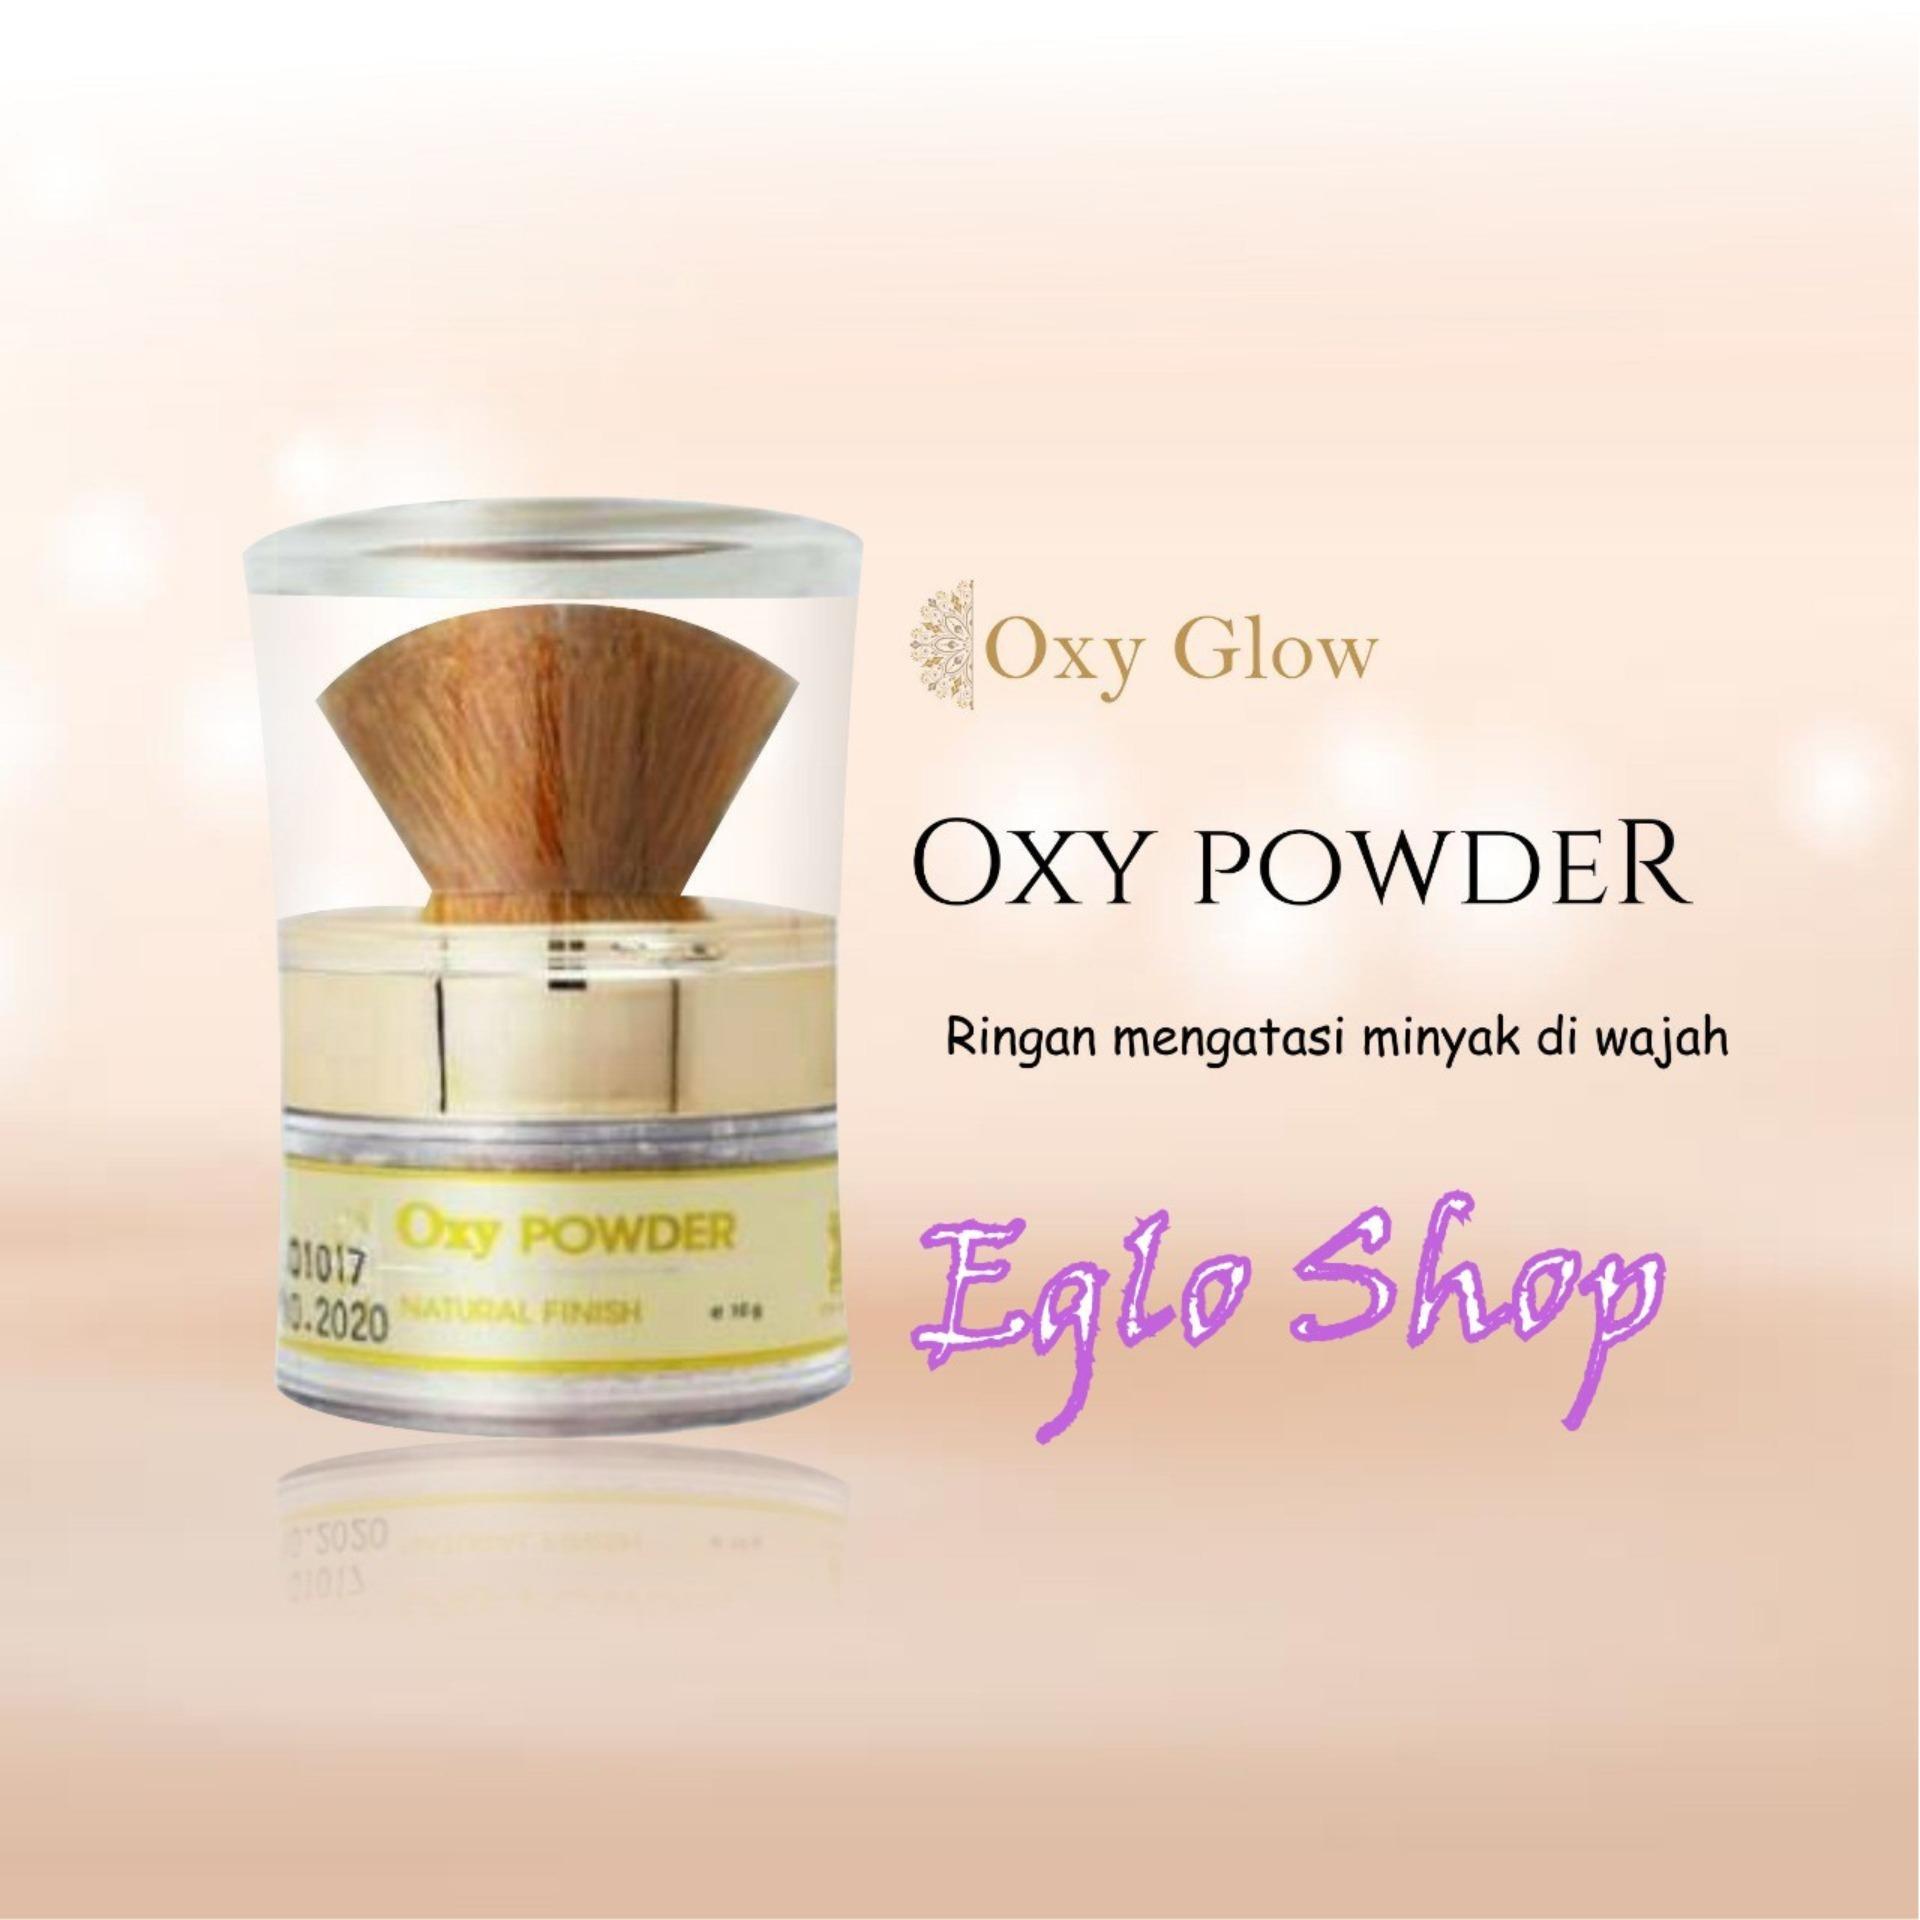 Features Moreskin Loose Powder Bright Dan Harga Terbaru Ivory Oxyglow